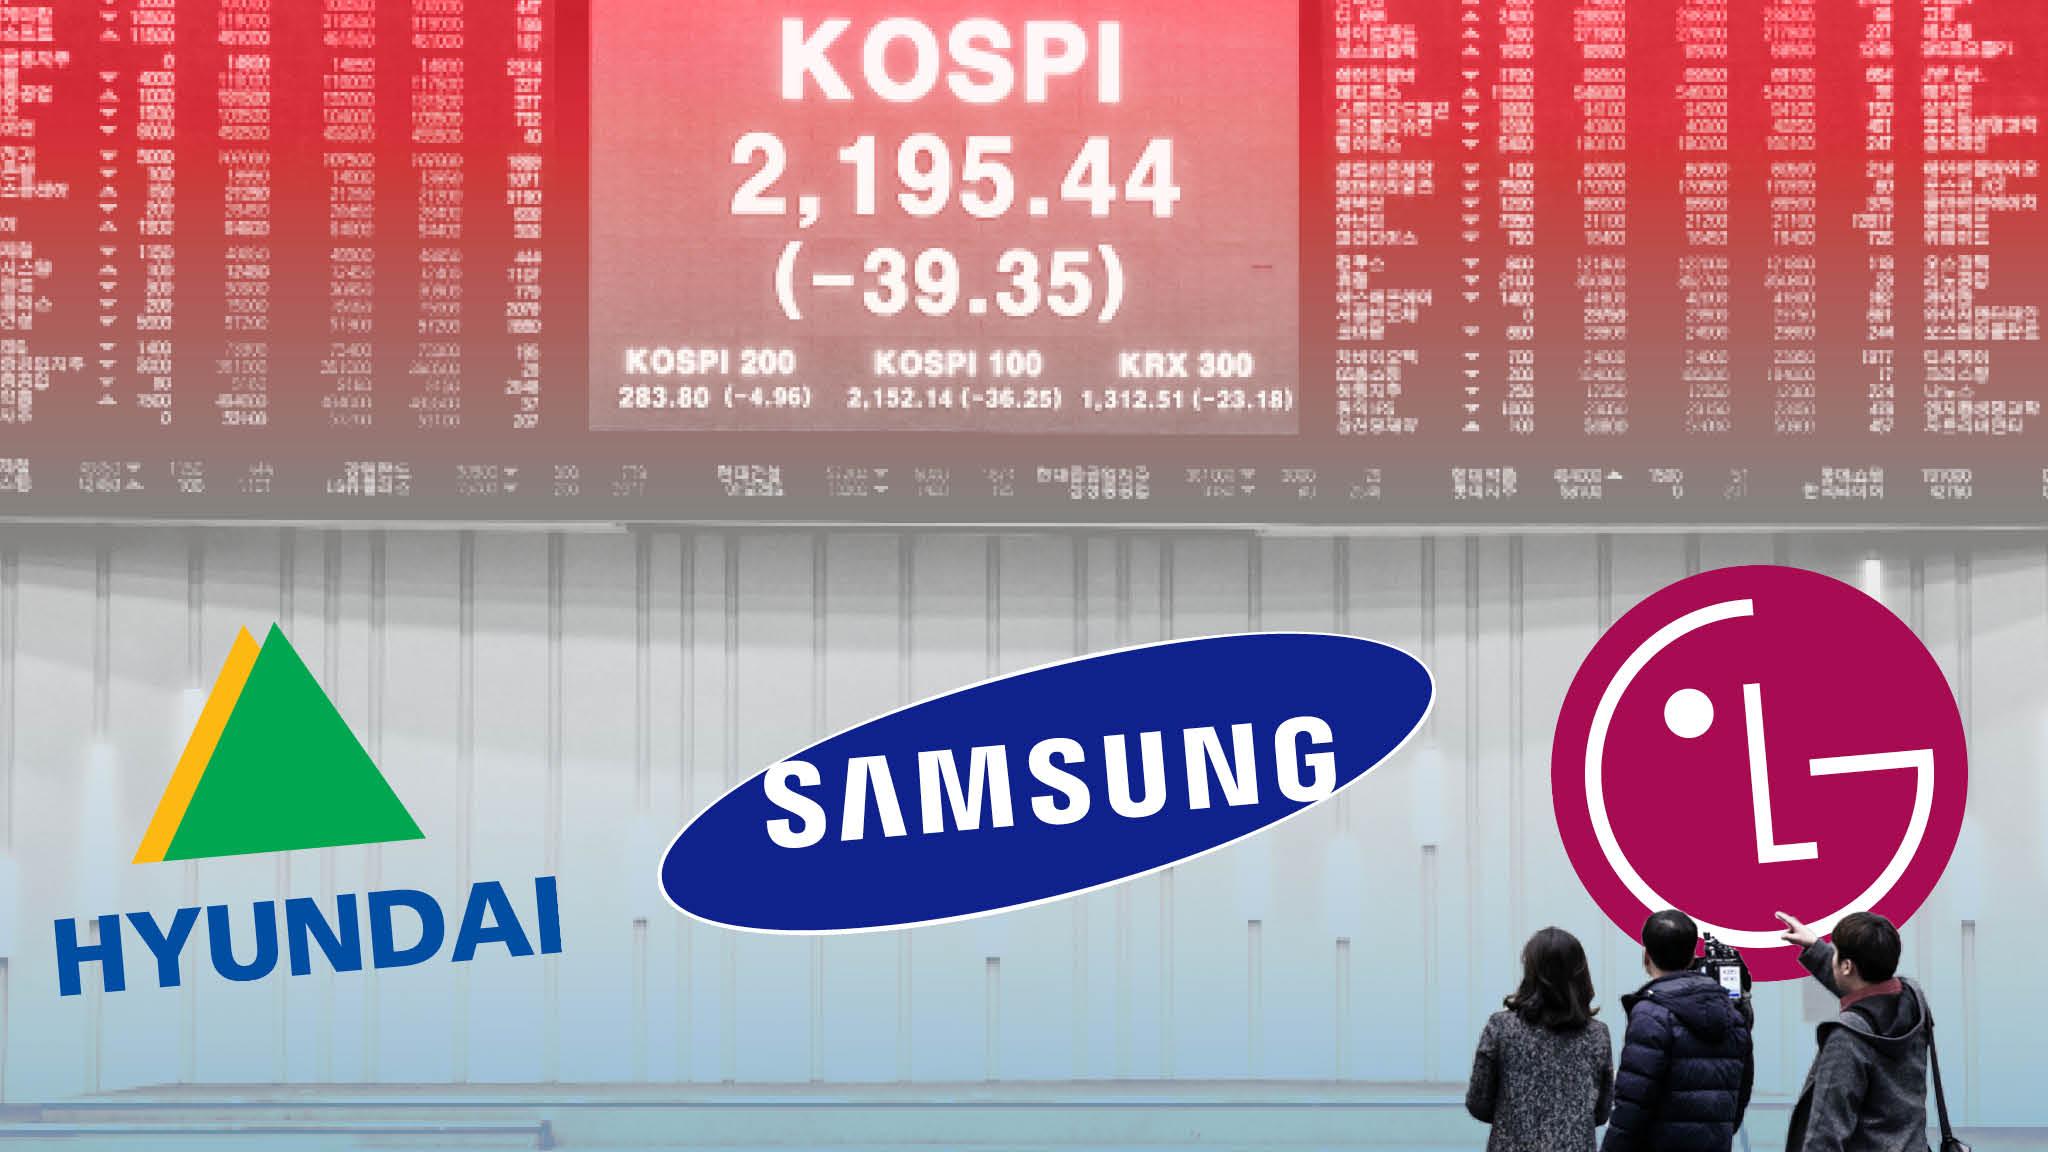 韓國股市權值股懶人包 韓國股票指標個股介紹整理 上4 大韓航空,三星電子,現代汽車 @東南亞投資報告